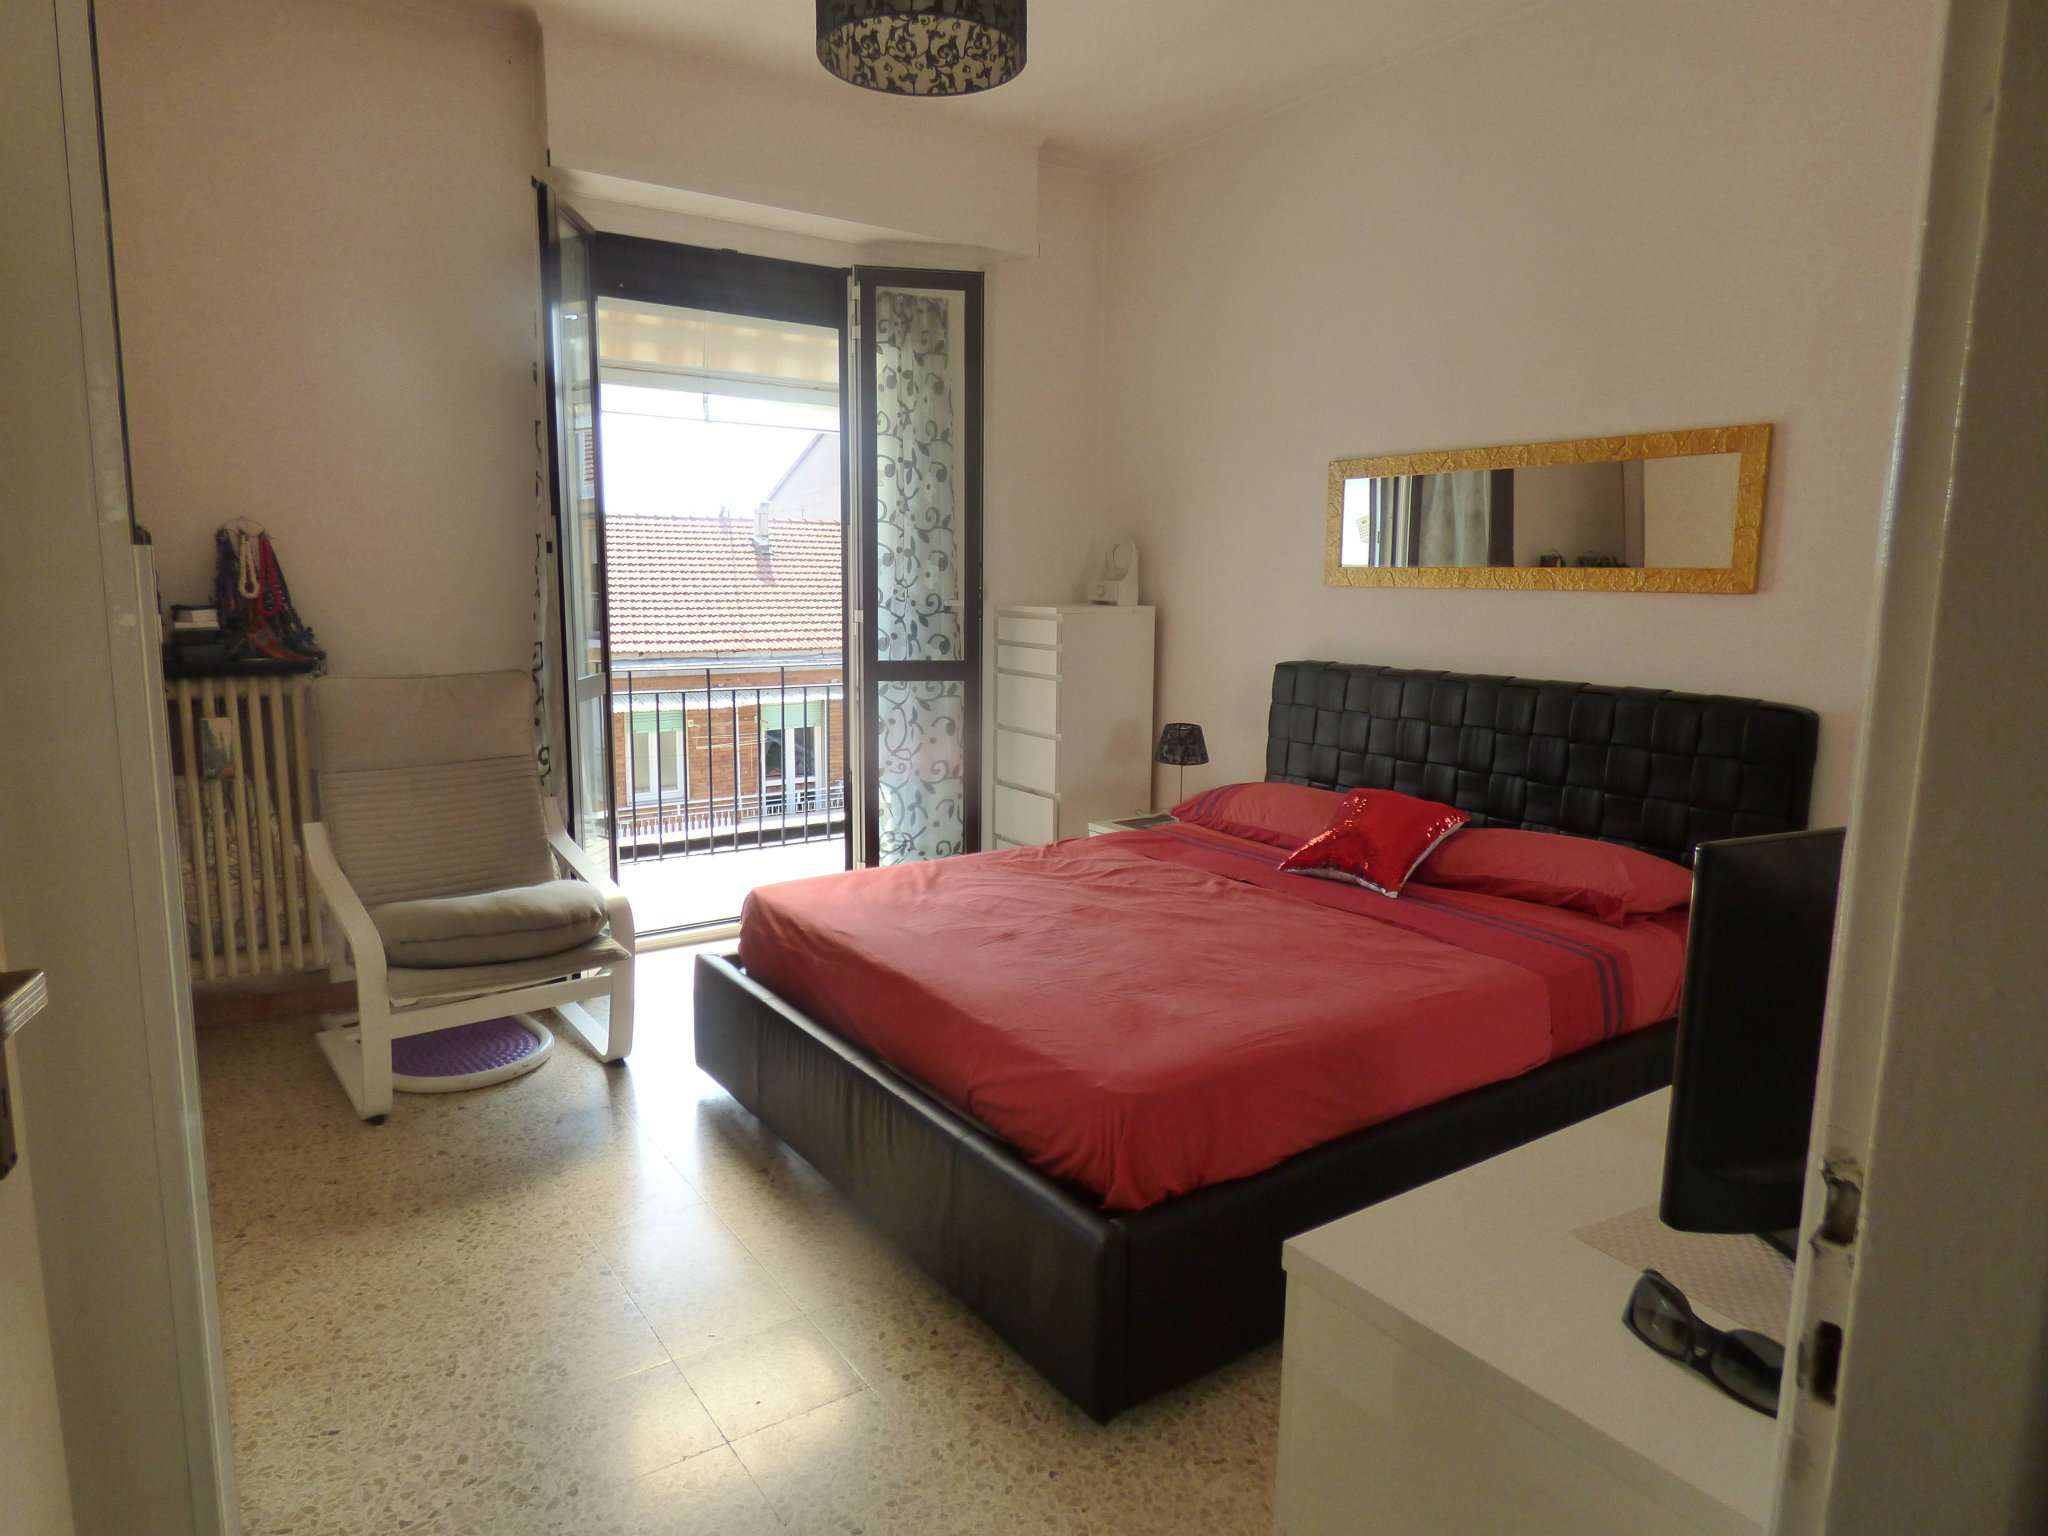 Appartamento in vendita a Torino, 2 locali, zona Borgo Vittoria, Madonna di Campagna, Barriera di Lanzo, prezzo € 40.000   PortaleAgenzieImmobiliari.it